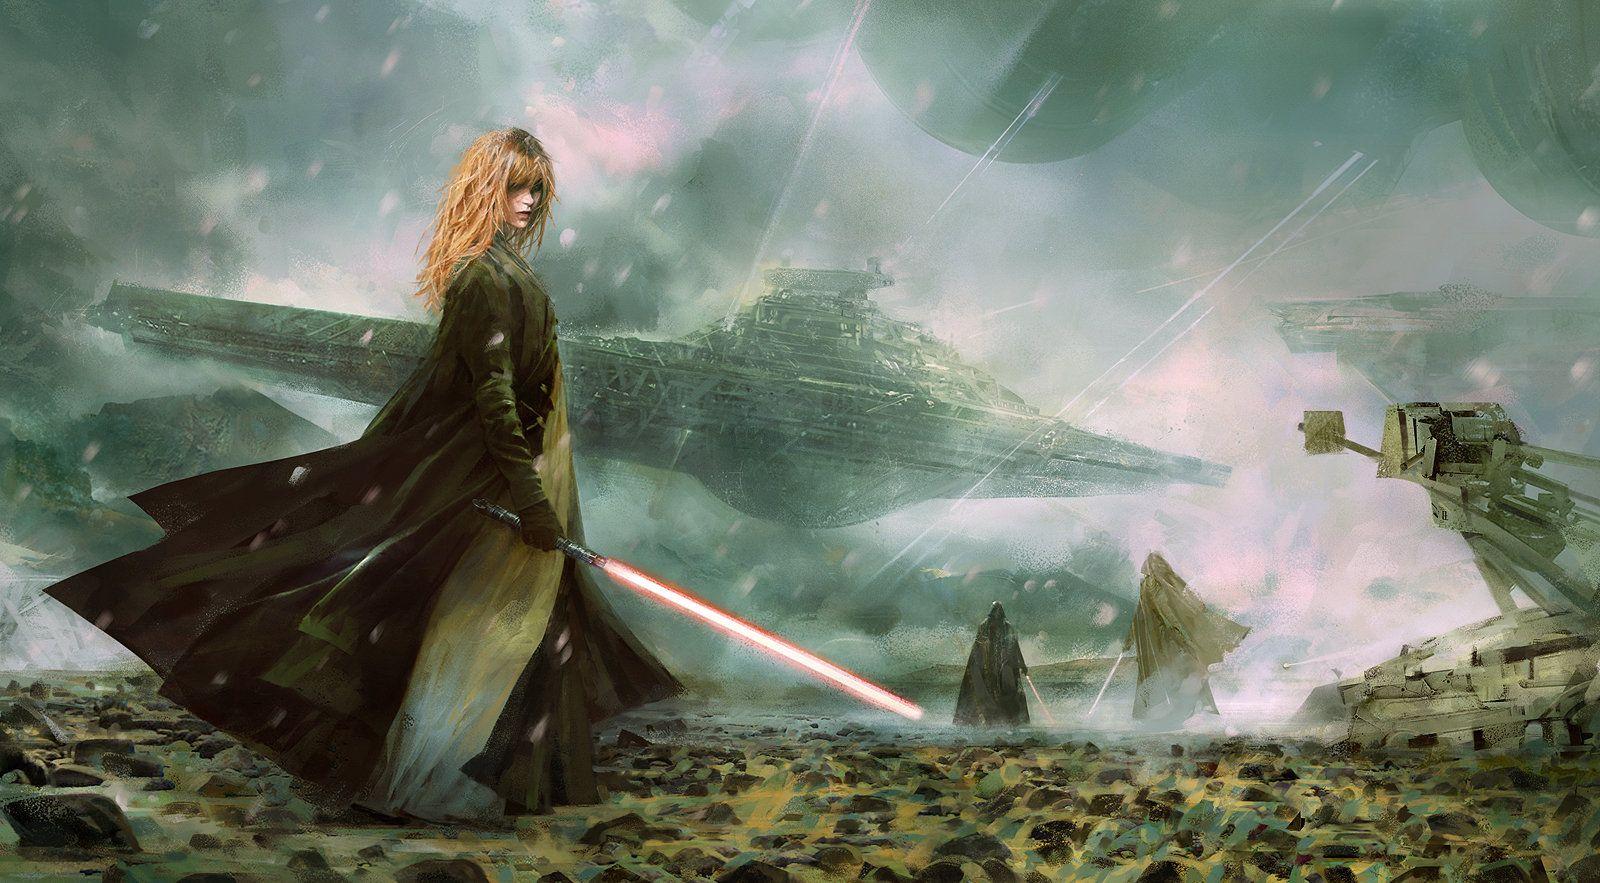 Звездные войны-картинки в стиле фэнтези